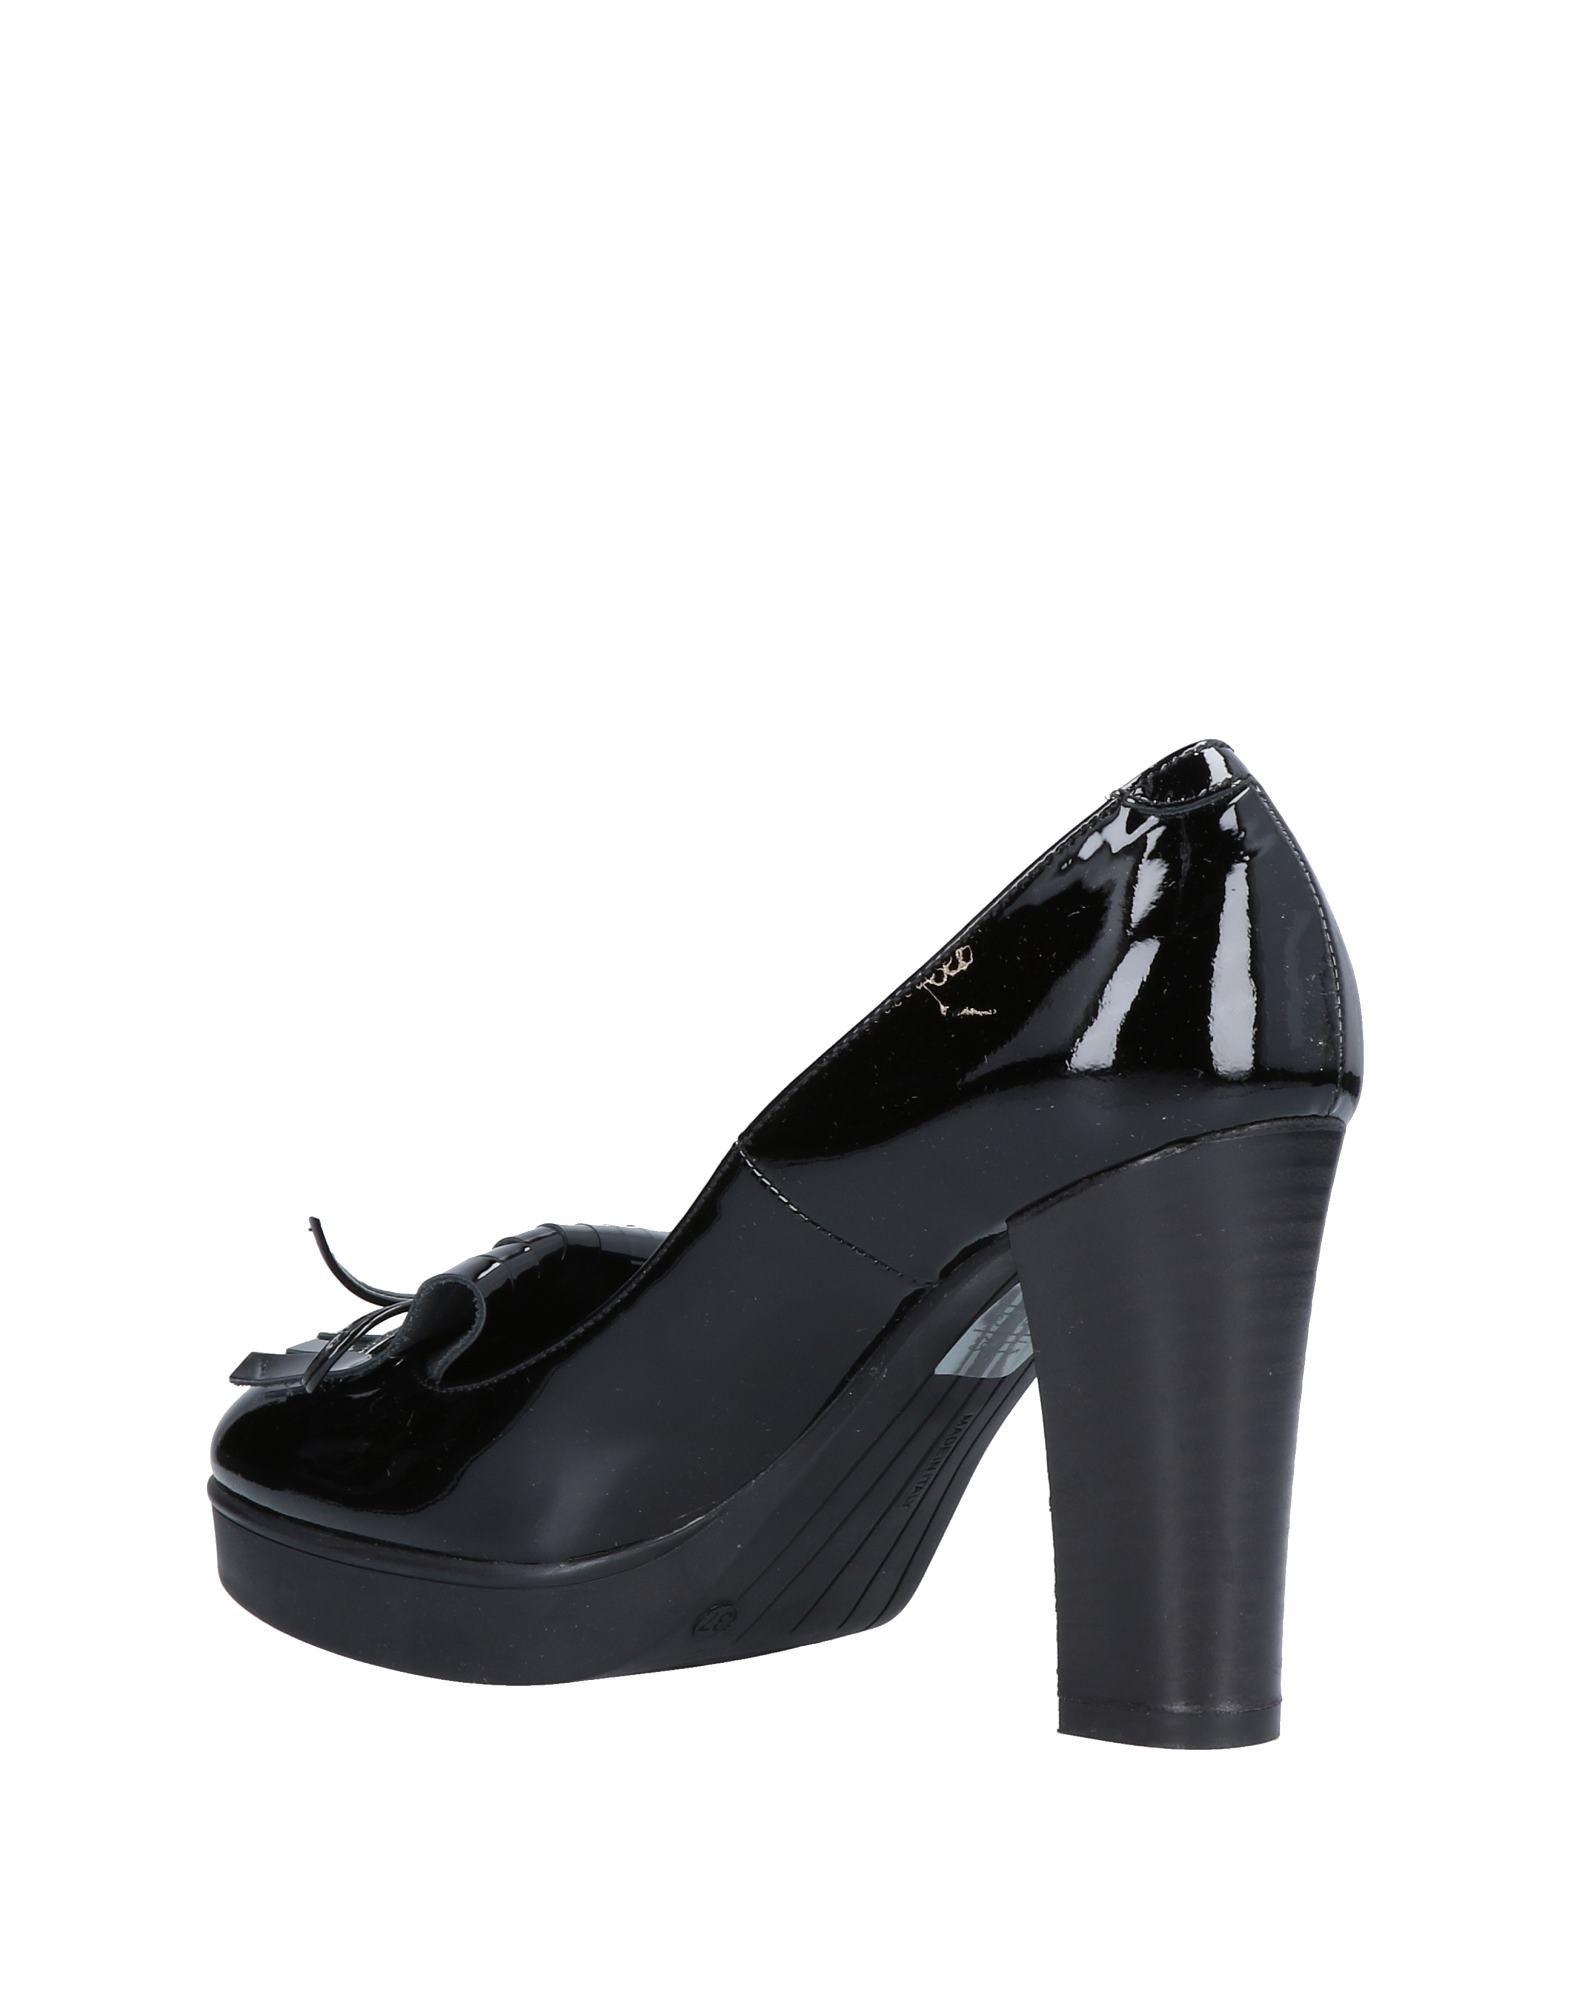 Berberg Mokassins 11512603MM Damen  11512603MM Mokassins Gute Qualität beliebte Schuhe 23f9fd